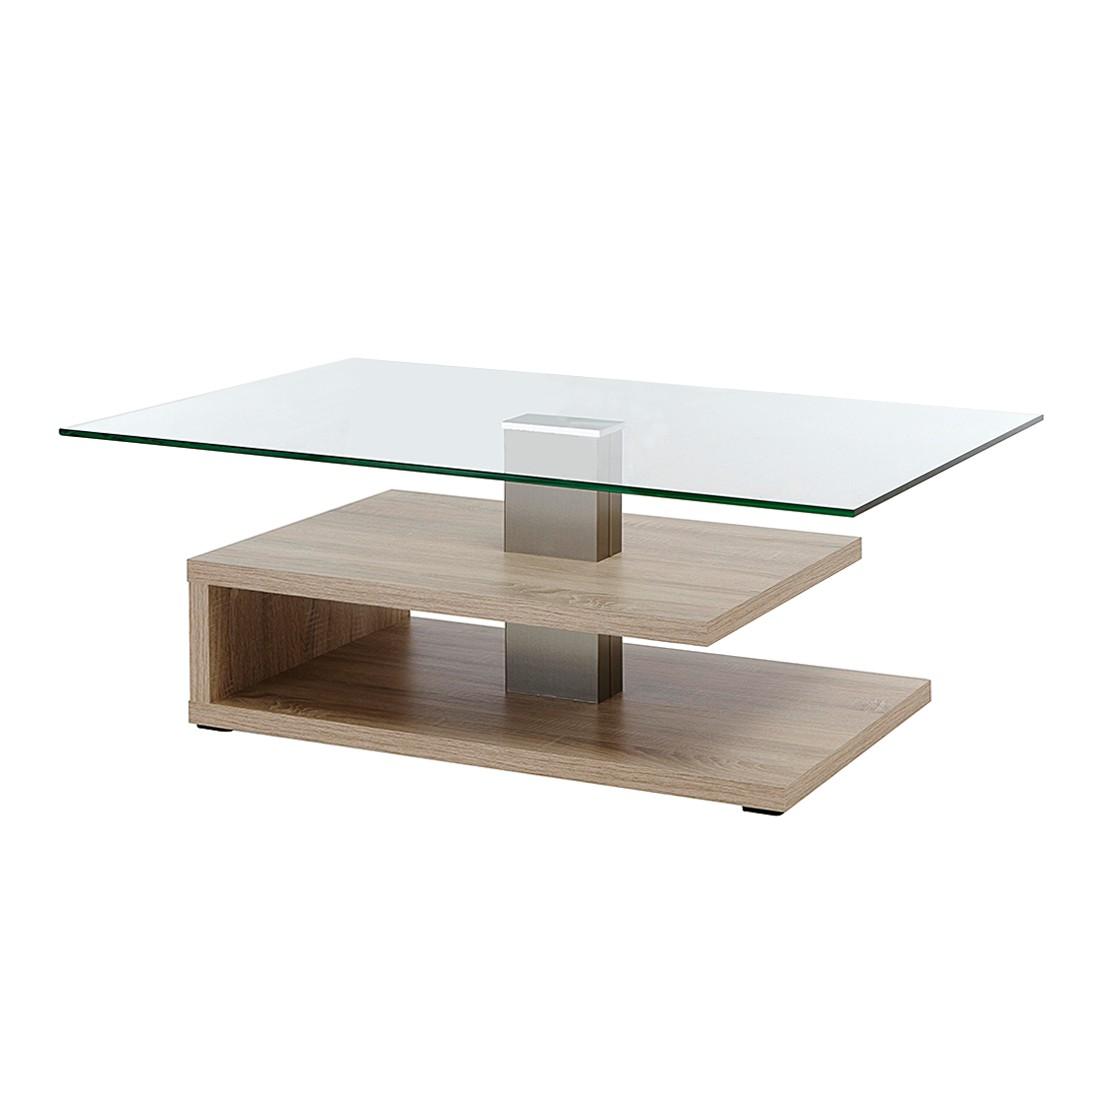 Eiche Sonoma Tischplatte Preis & Vergleich 2016